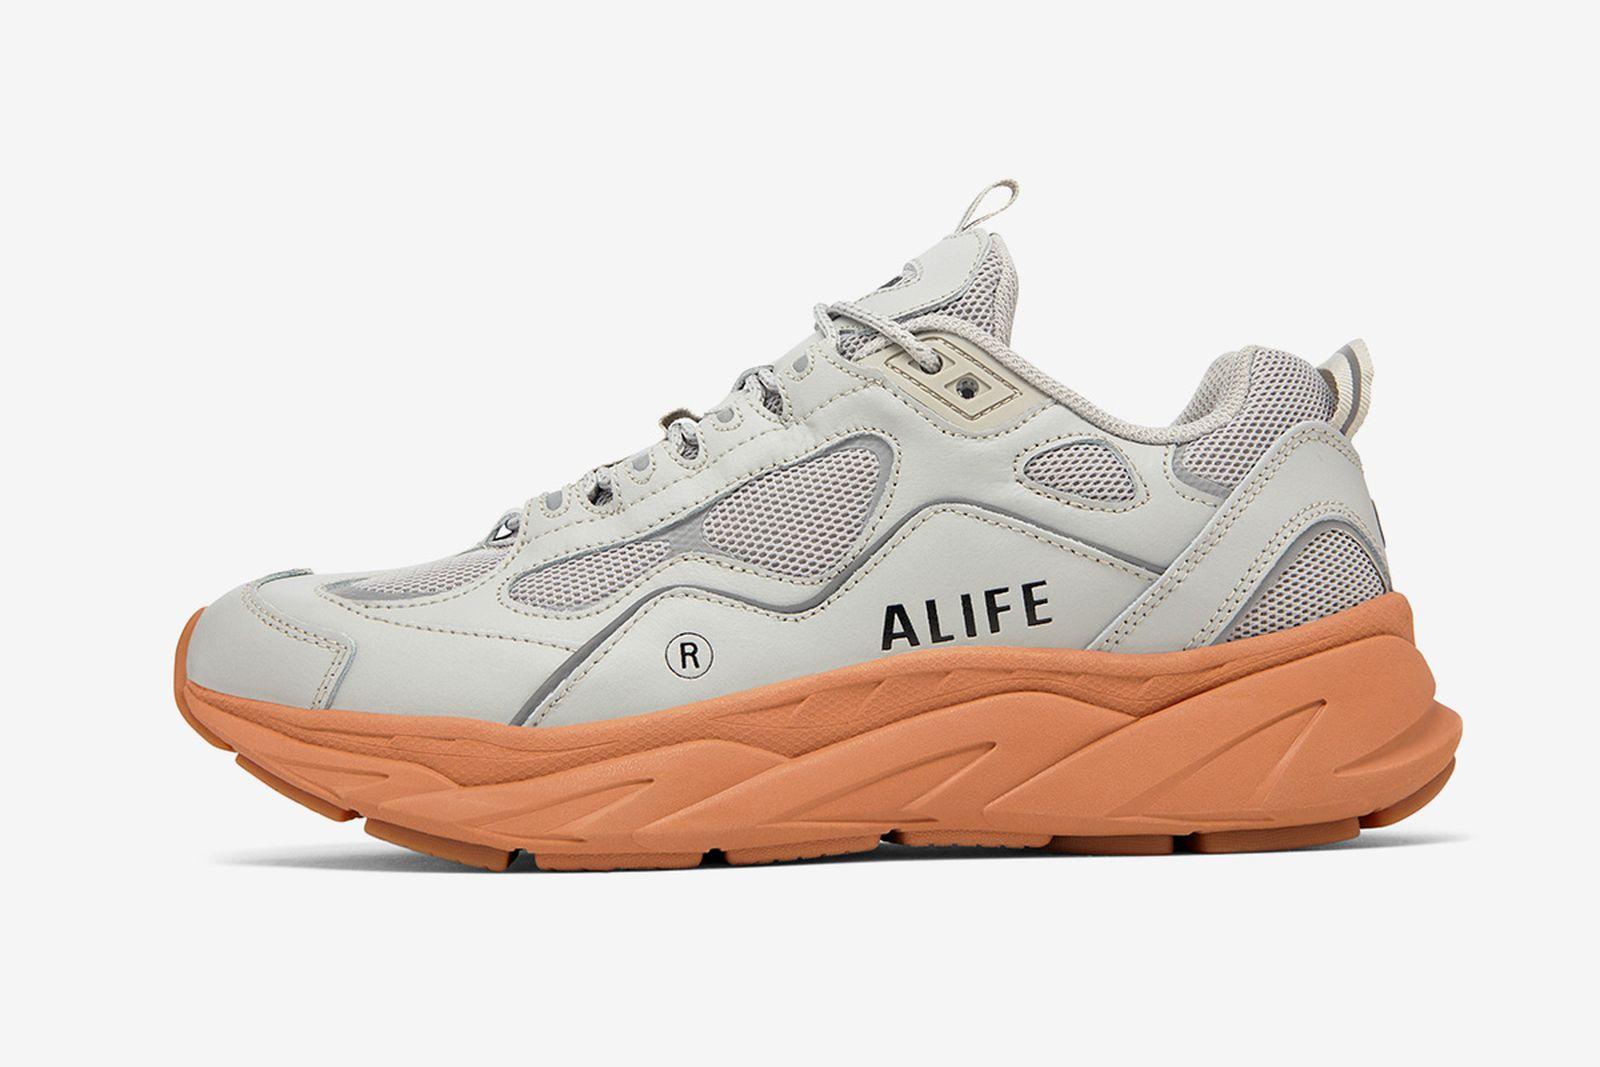 alife-x-fila-trigate-release-date-price-07